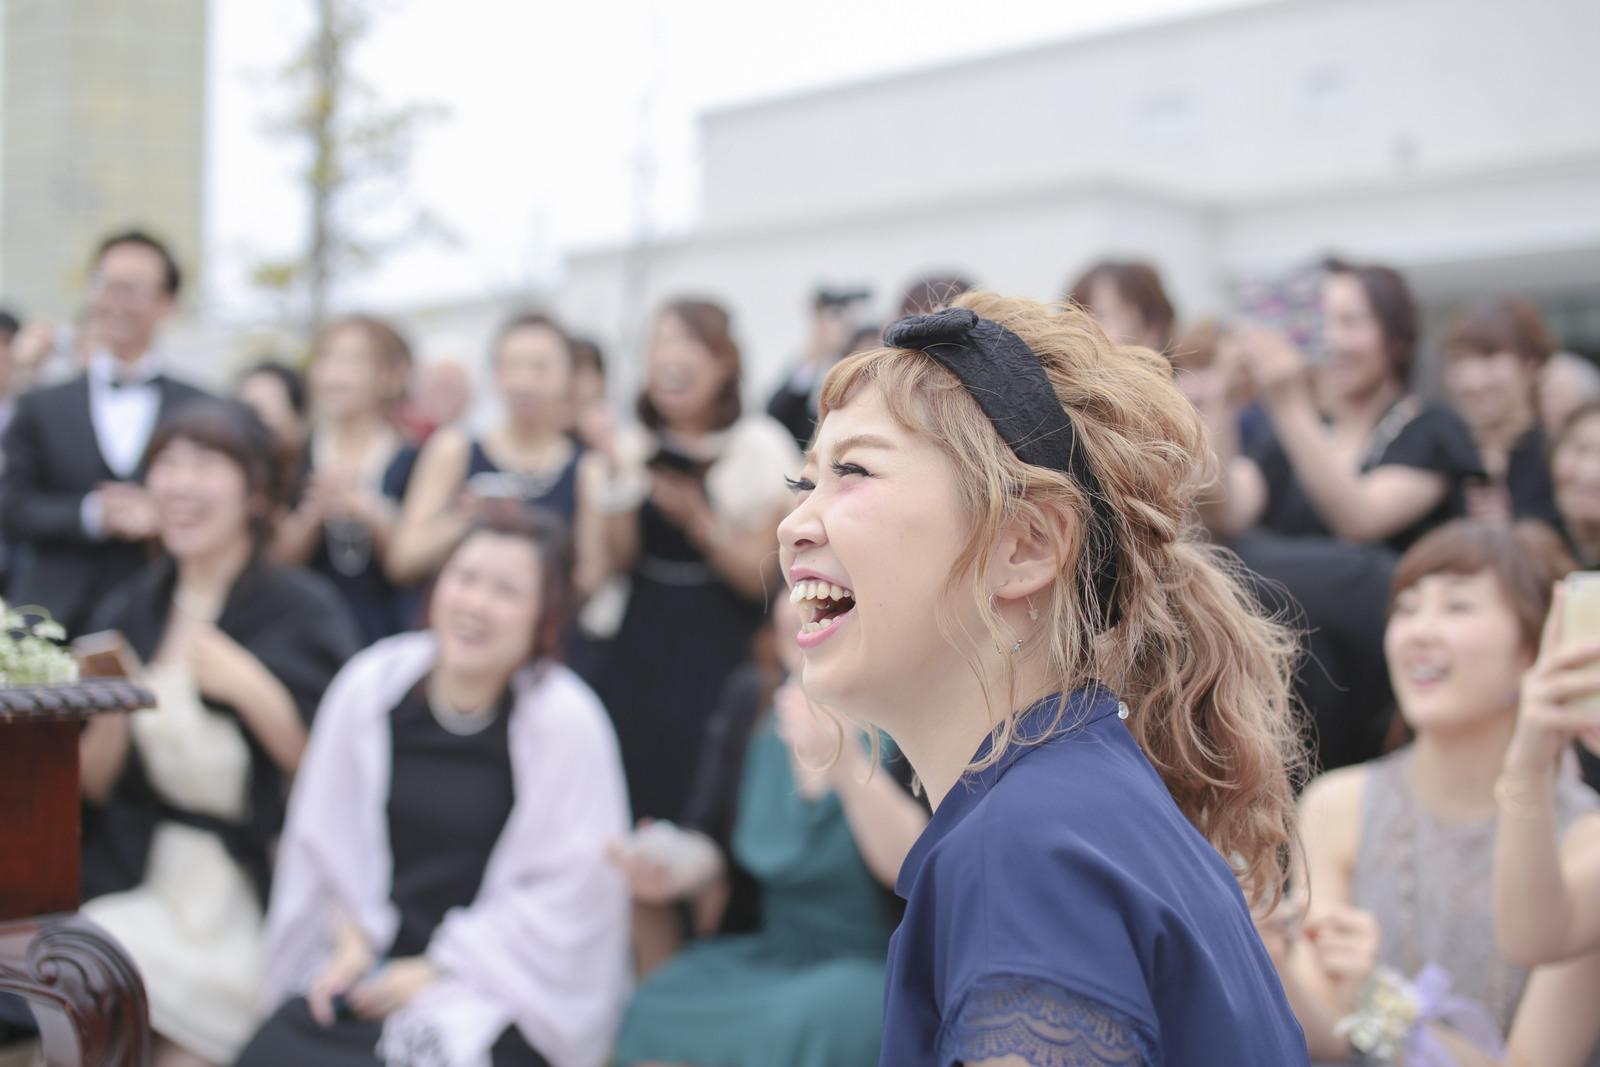 香川県の結婚式場シェルエメール&アイスタイルのガーデン演出